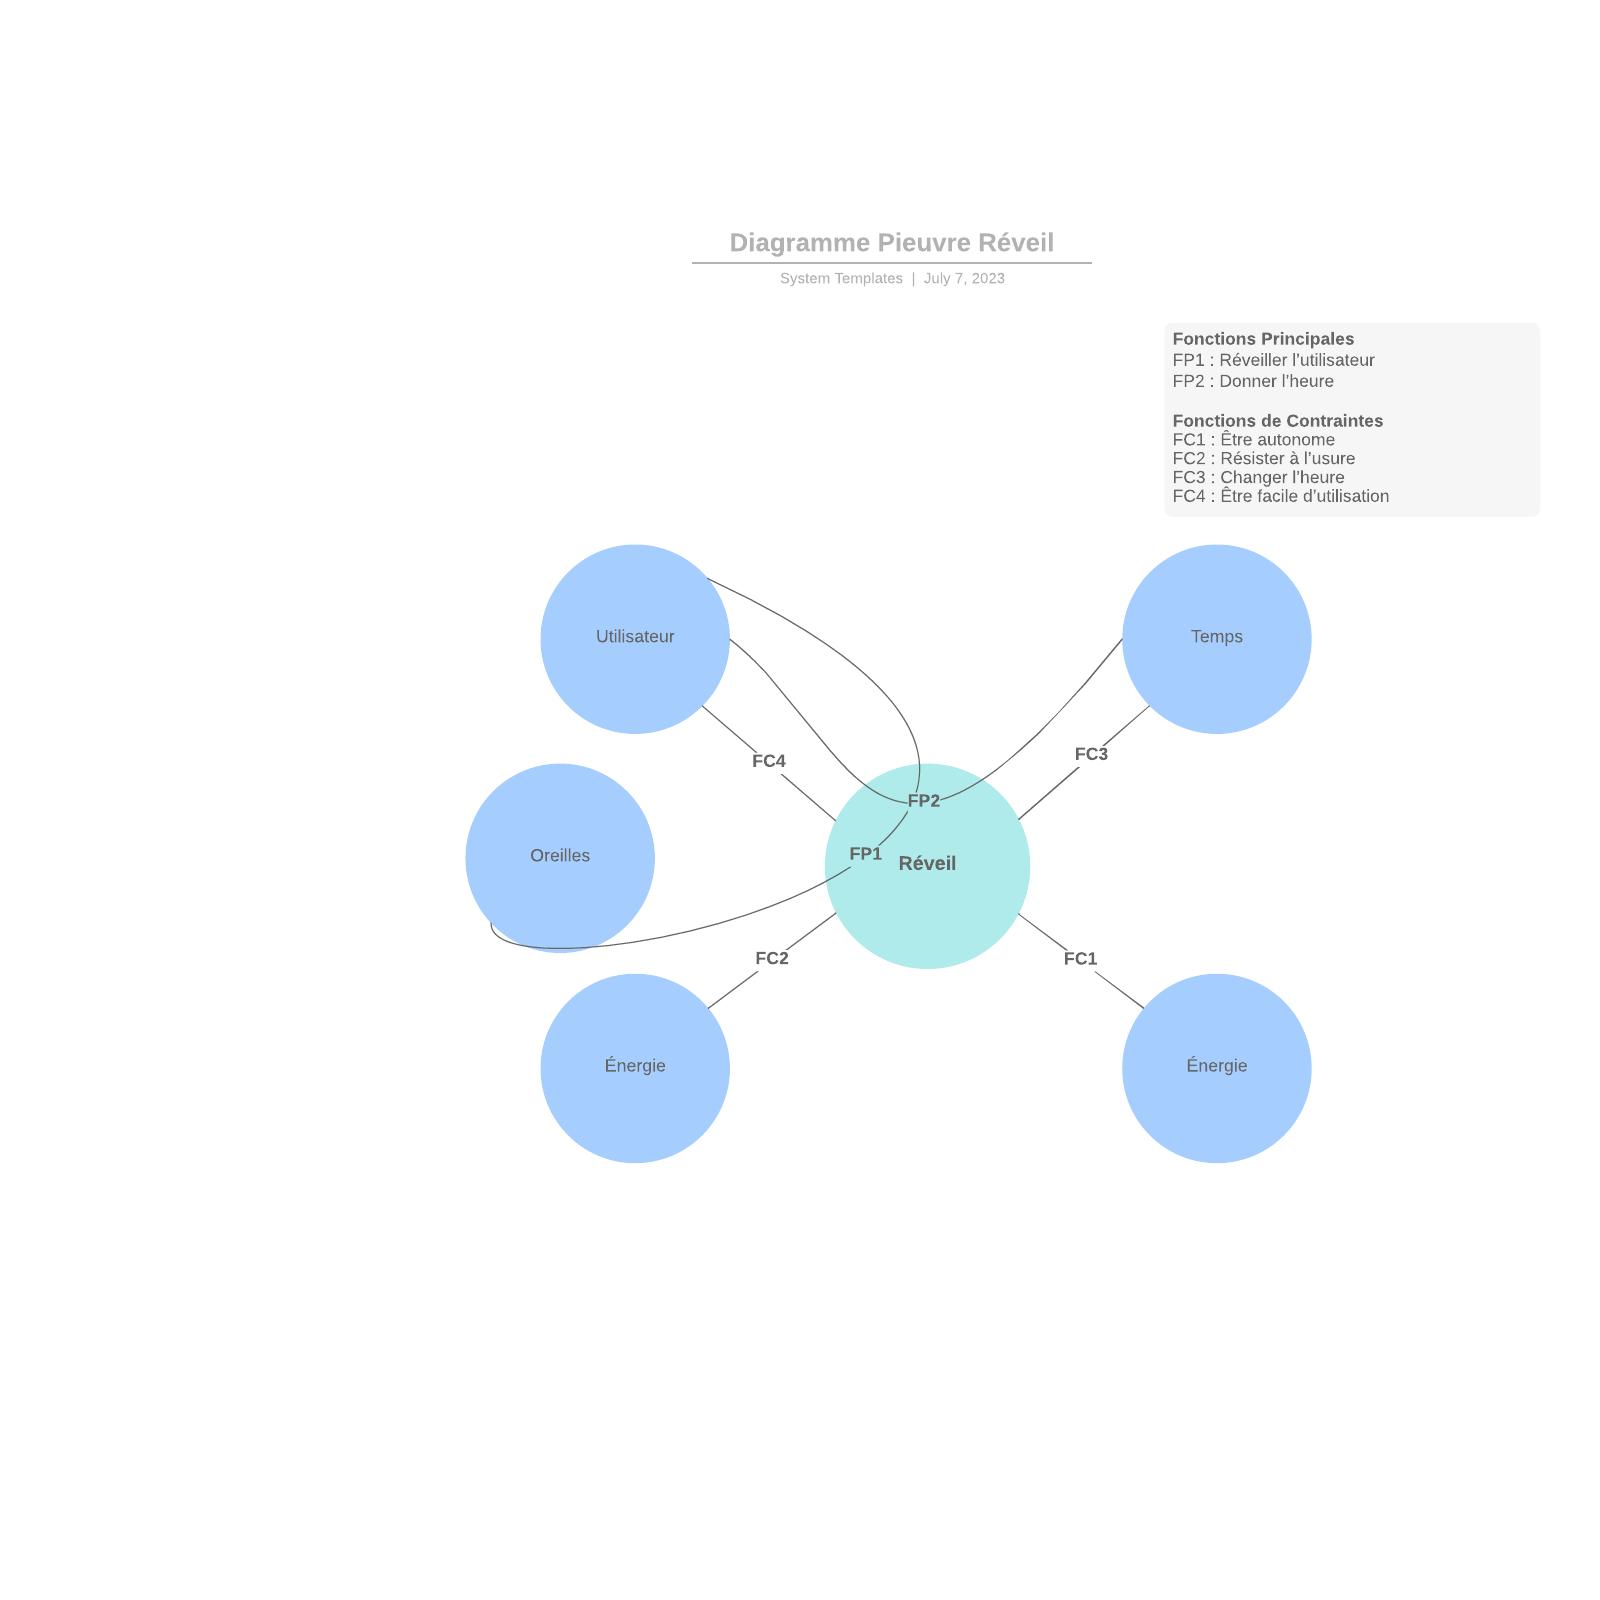 exemple de diagramme pieuvre pour réveil